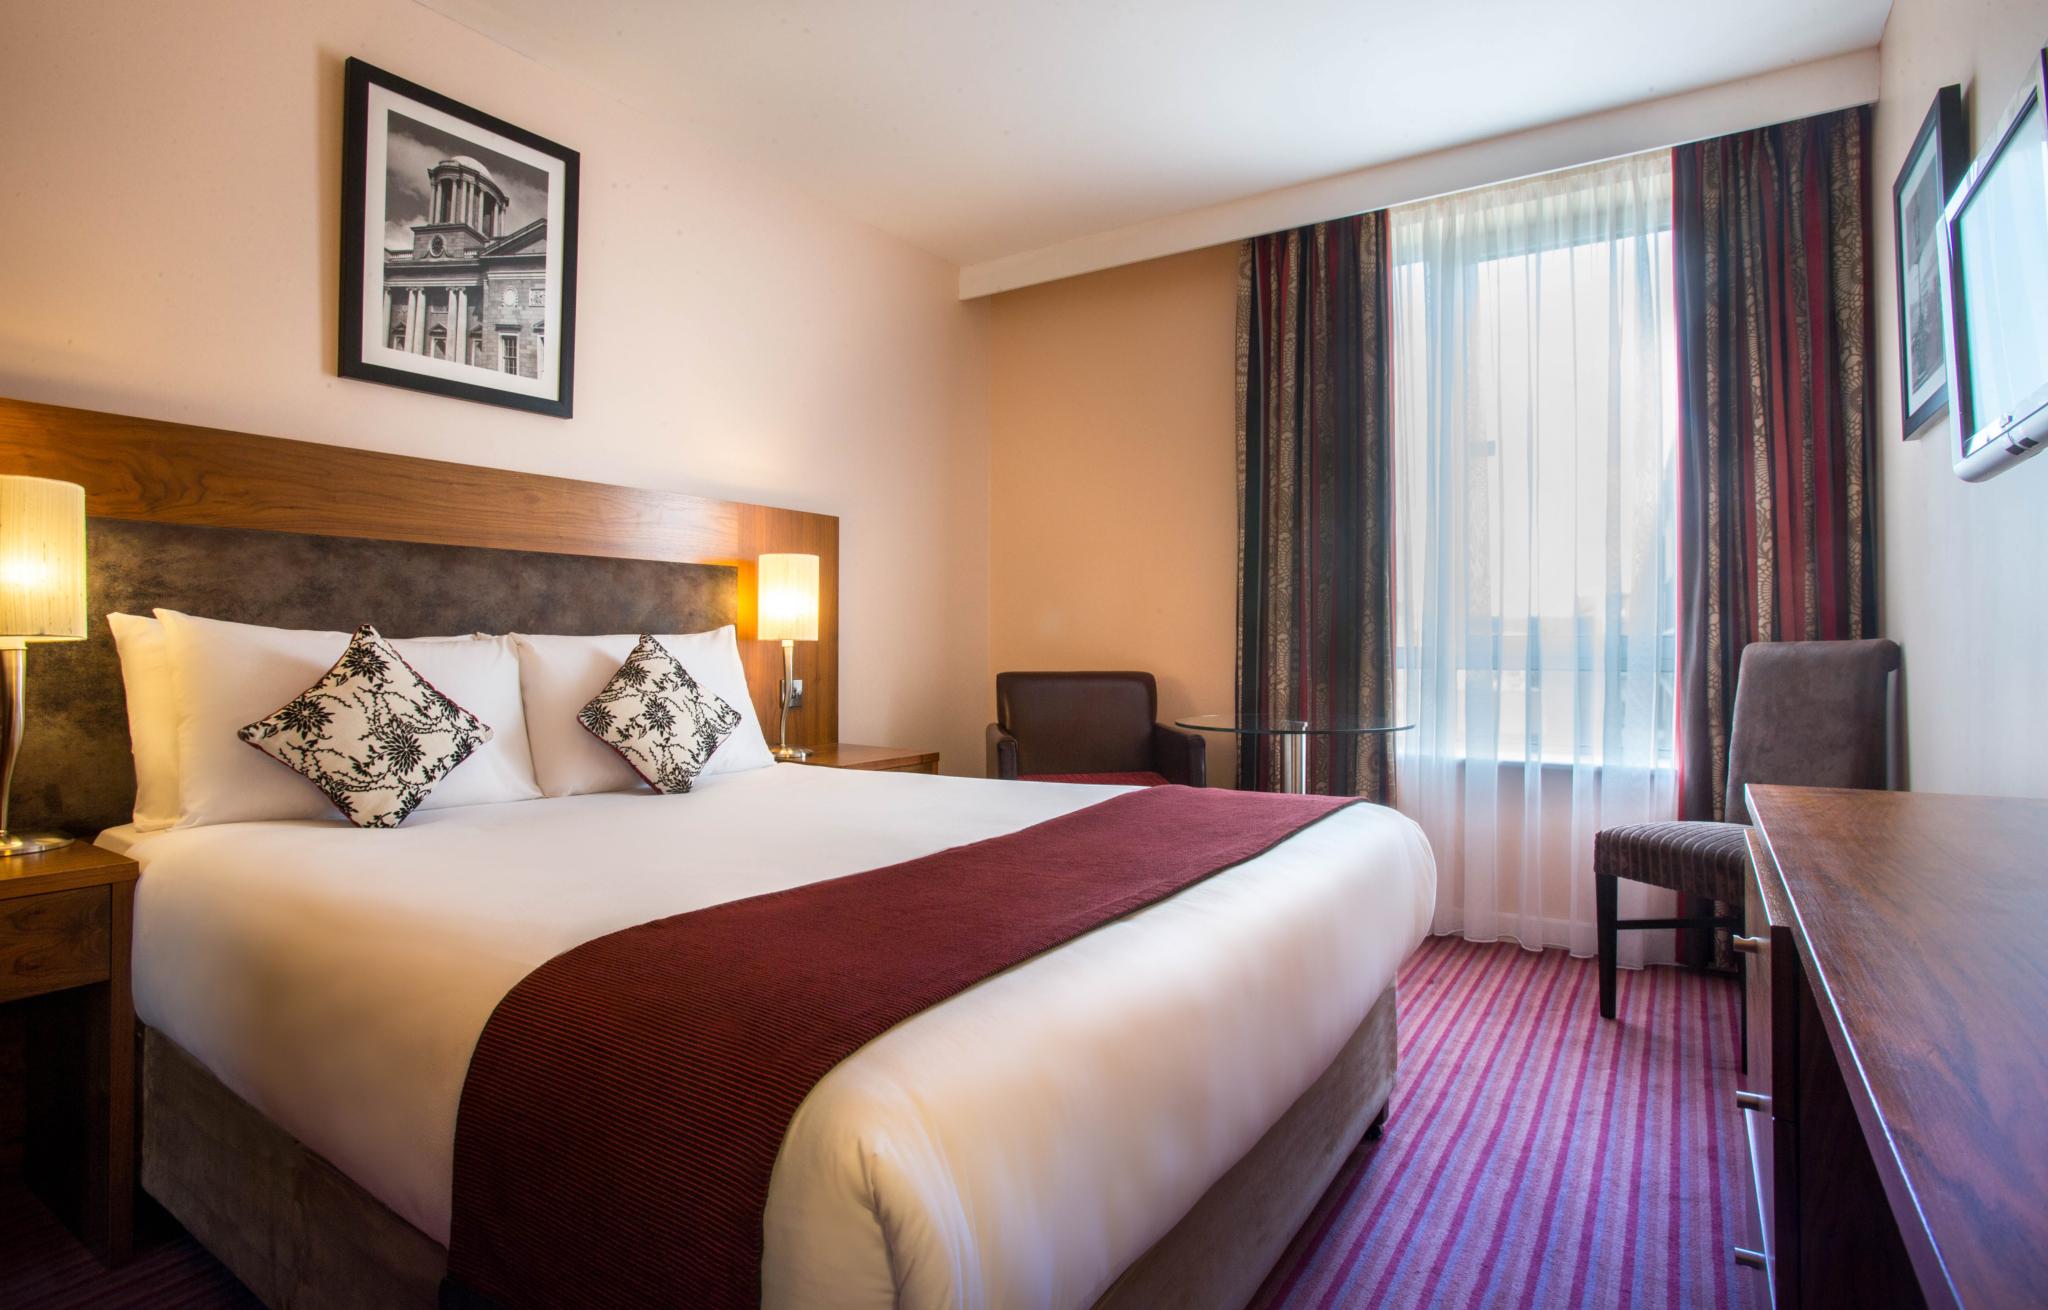 Maldron-Hotel-Parnell-Square-Dublin-Double-Room